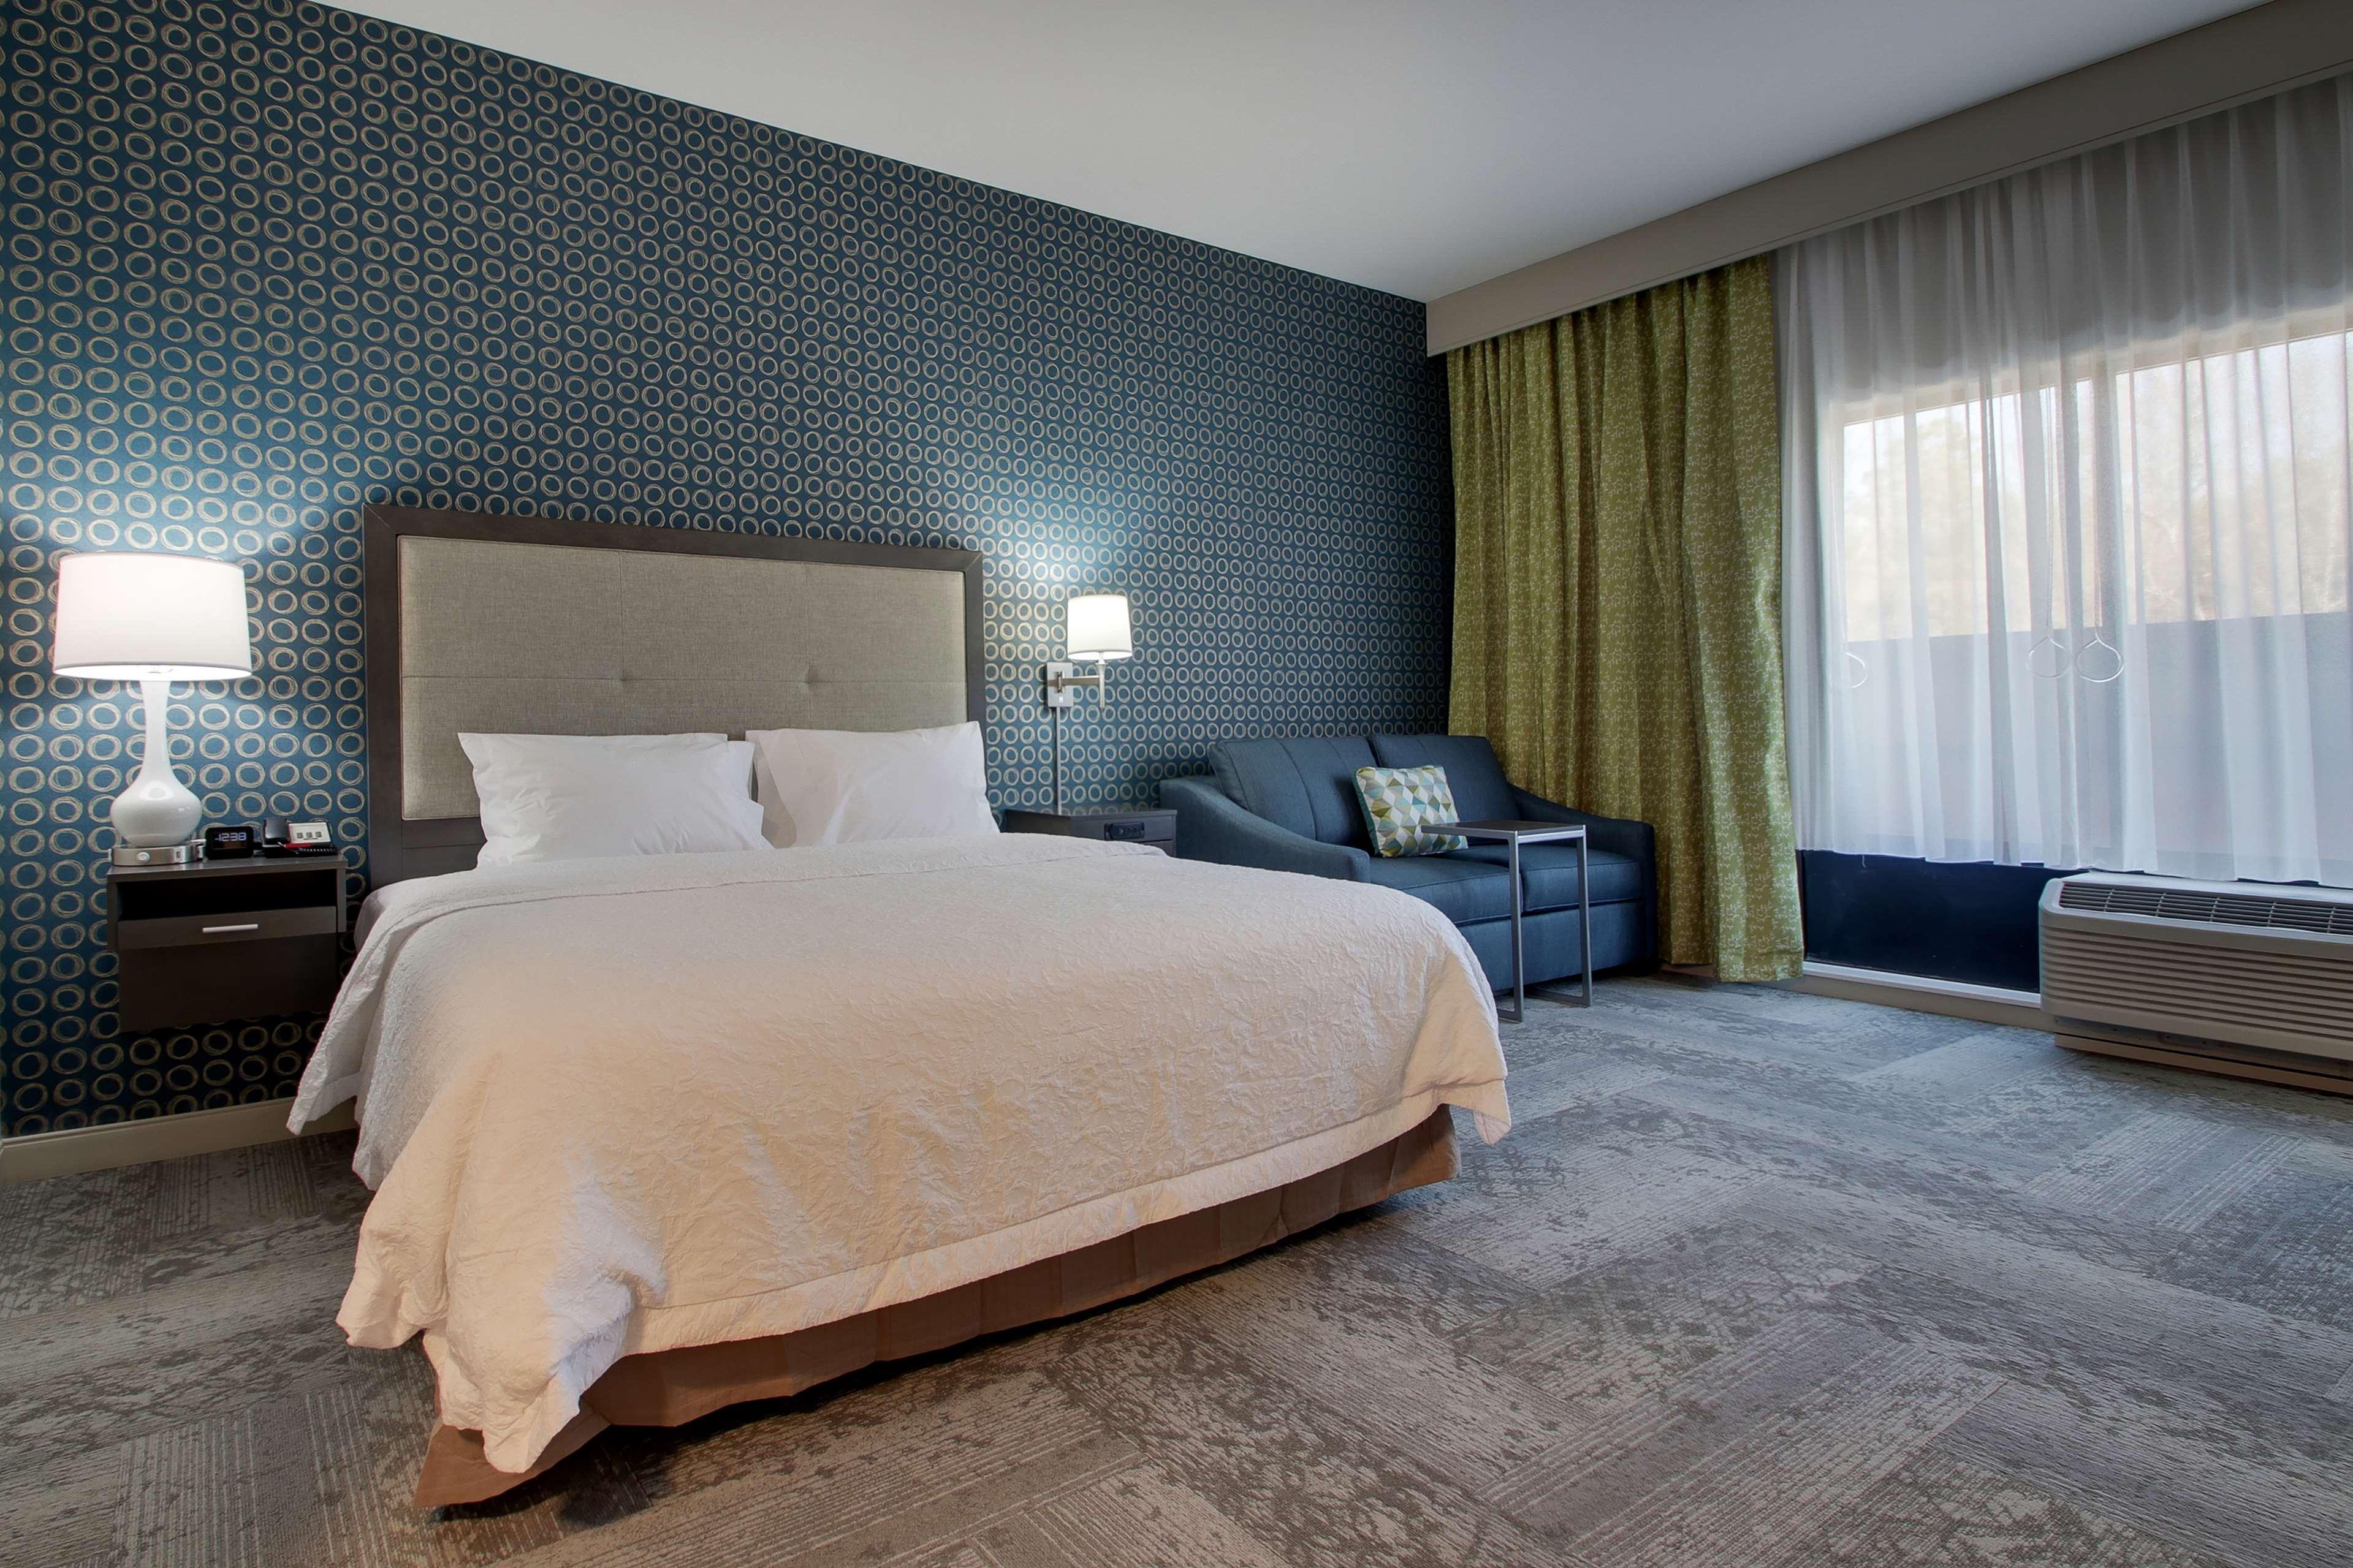 Hampton Inn & Suites Knightdale Raleigh image 23